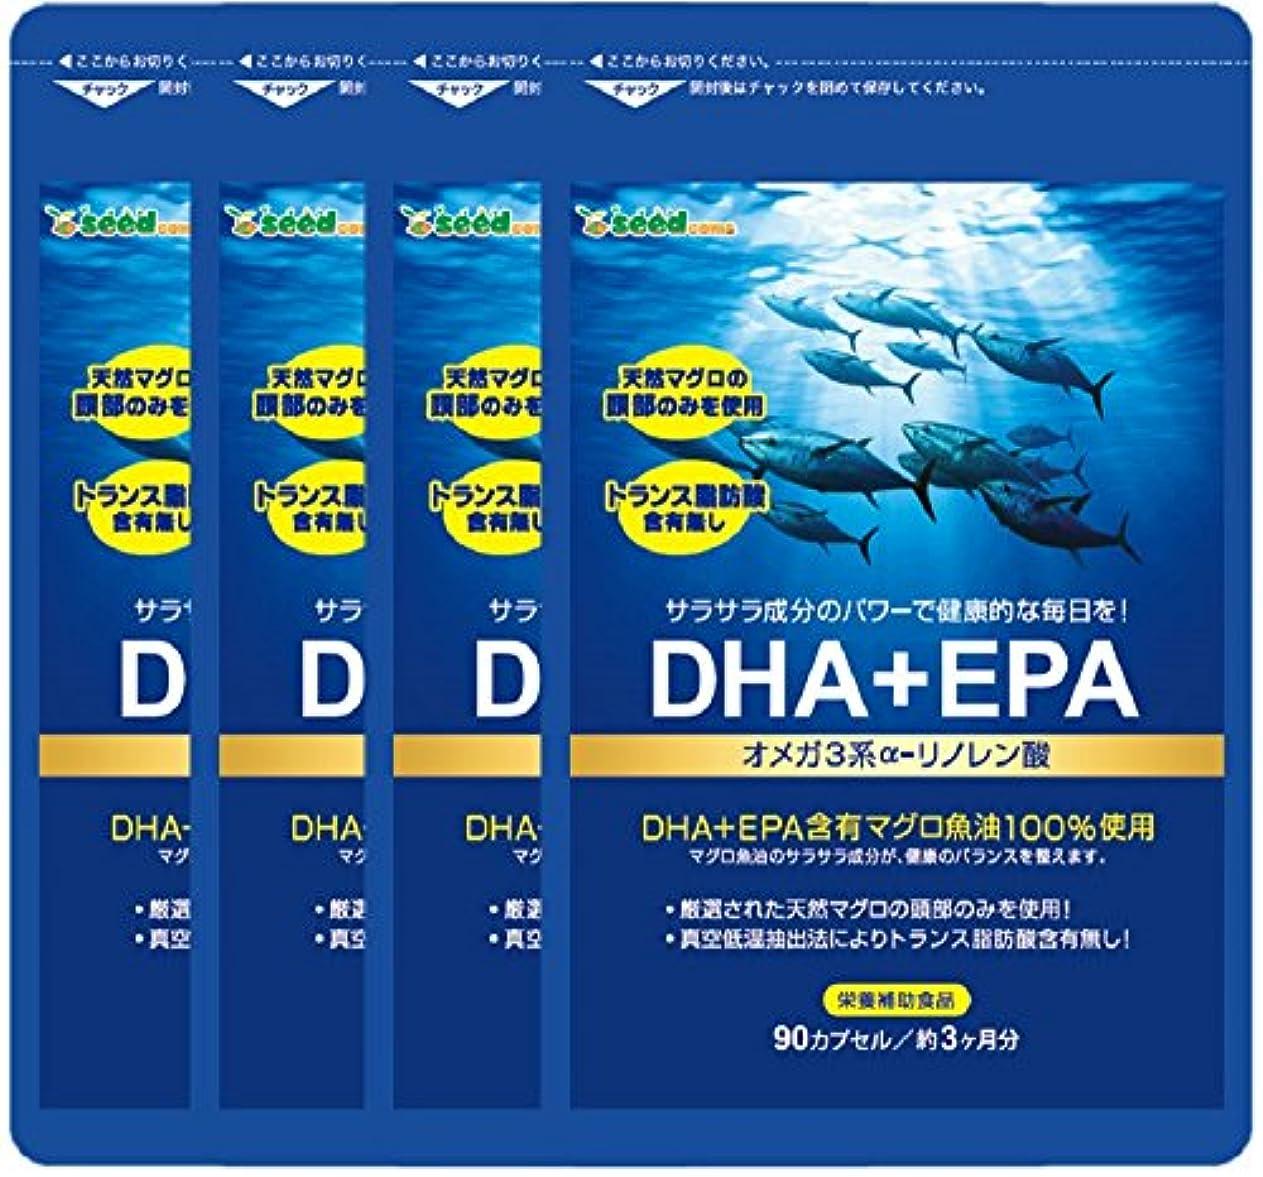 ピアノを弾く剥ぎ取るアンペア【 seedcoms シードコムス 公式 】DHA + EPA 約12ヶ月分/360粒 ビンチョウマグロの頭部のみを贅沢に使用!トランス脂肪酸0㎎